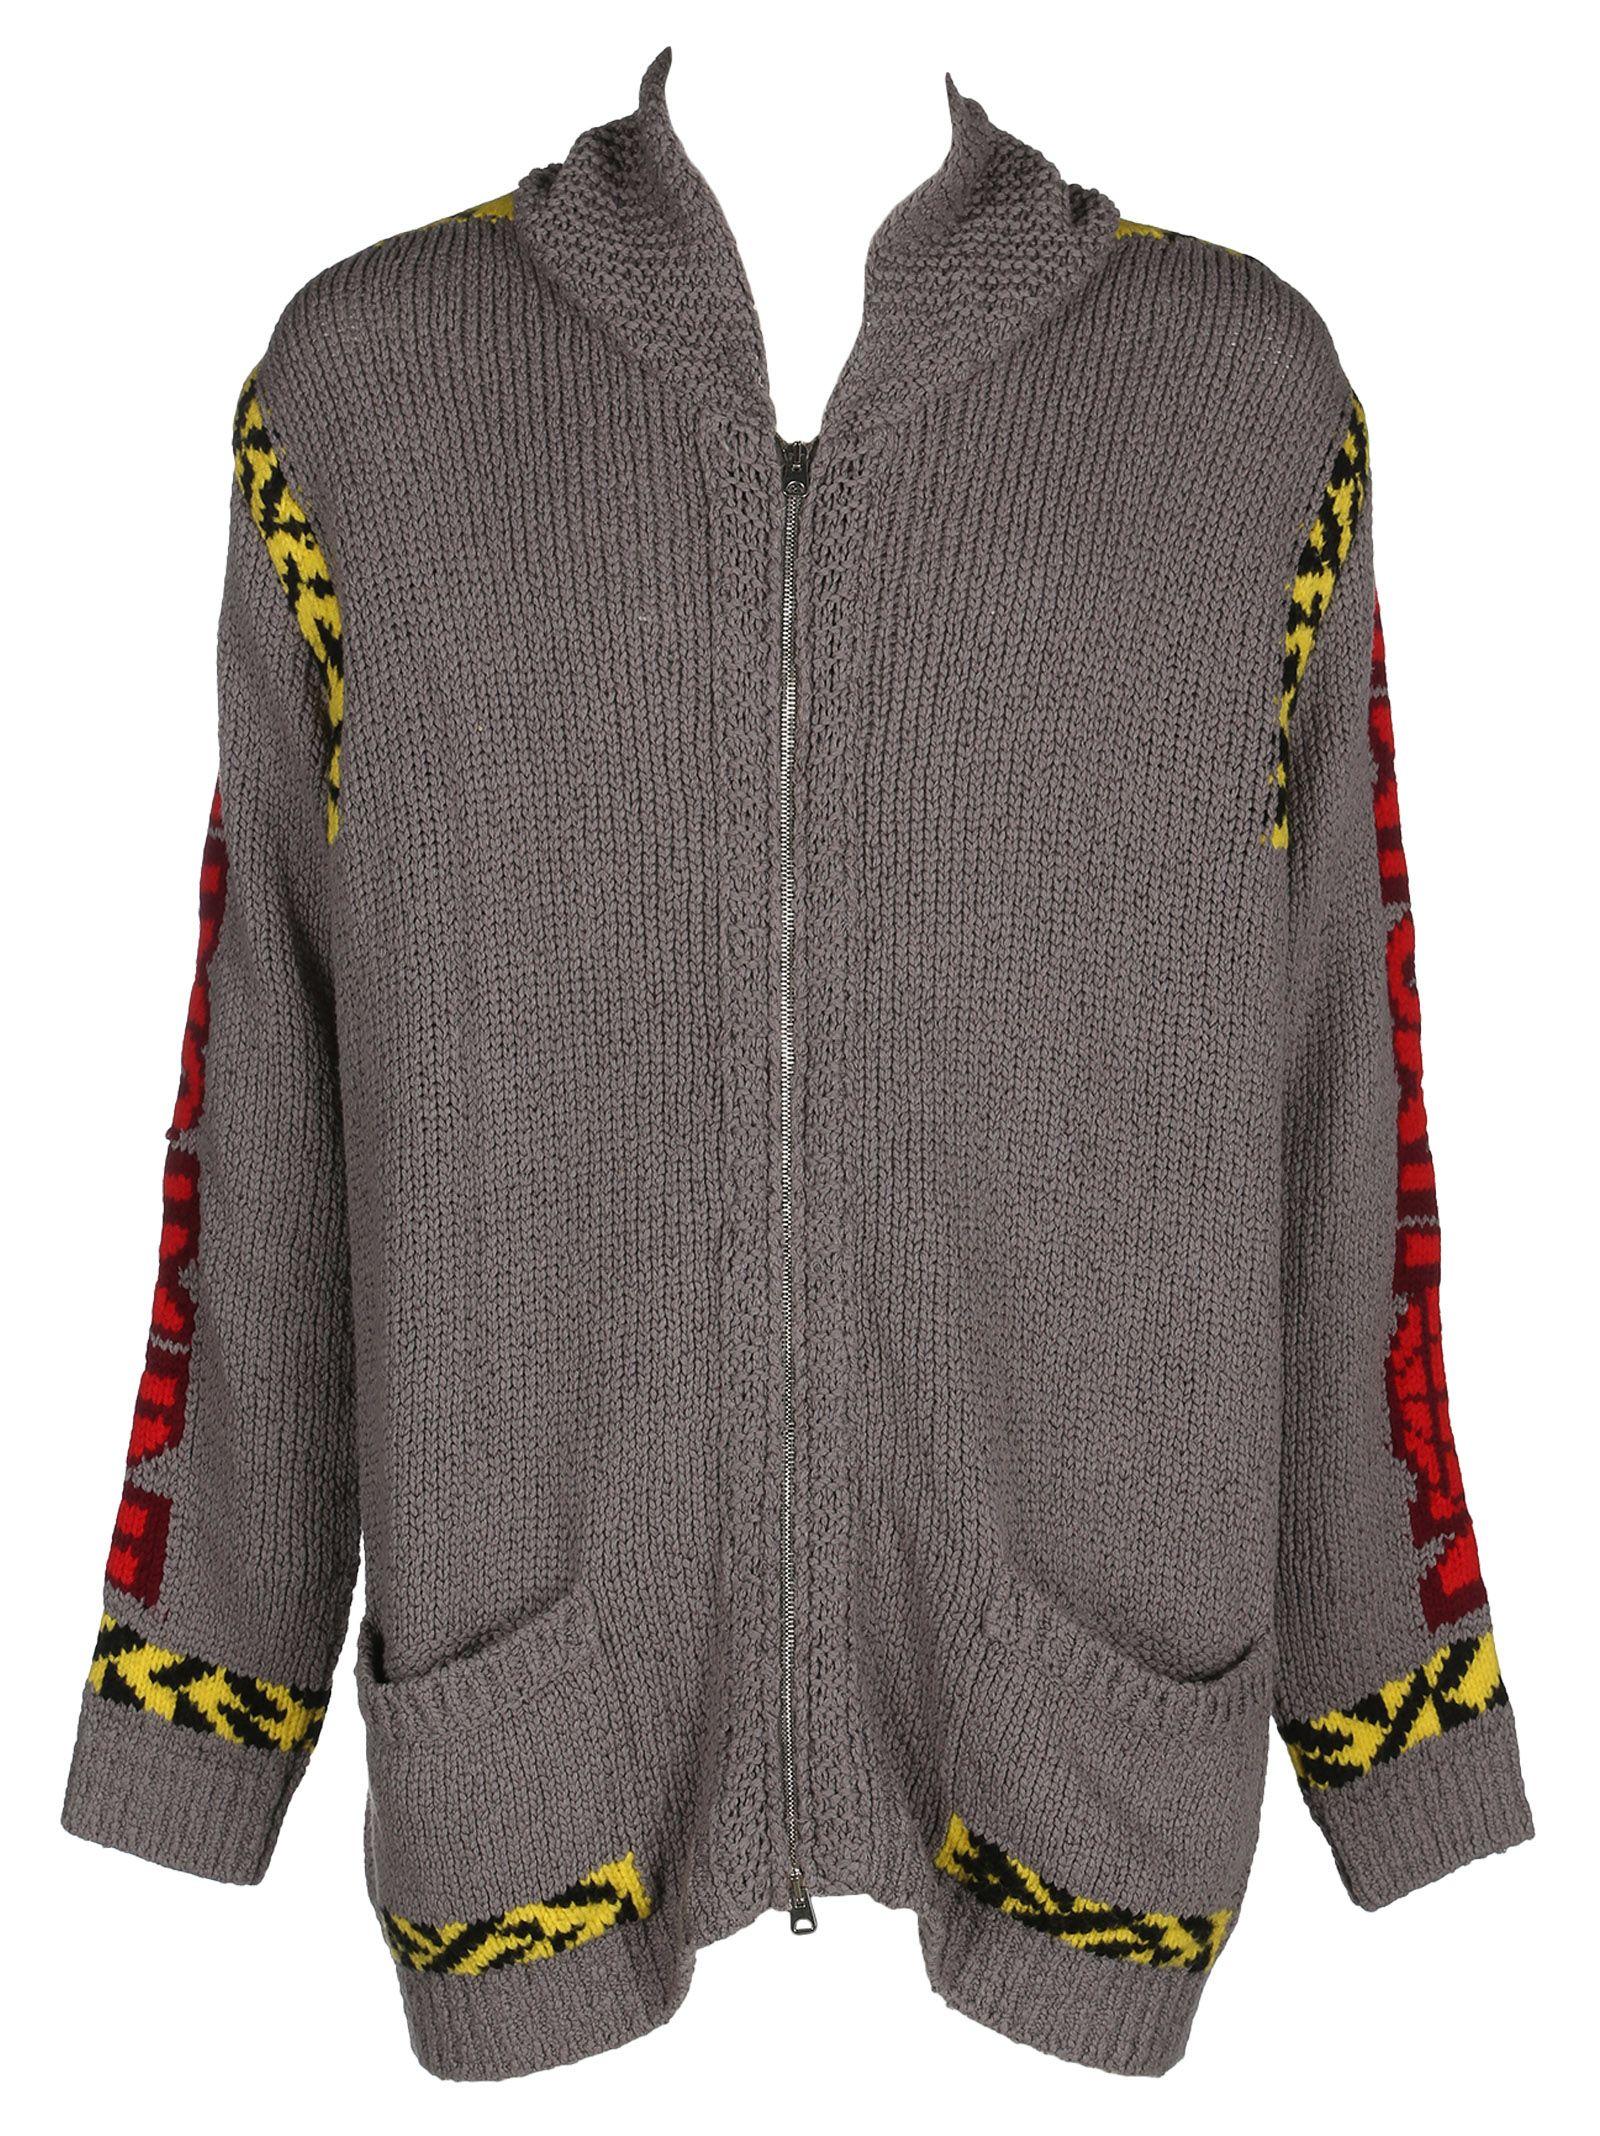 Stella Mccartney Embroidered Zipped Sweater